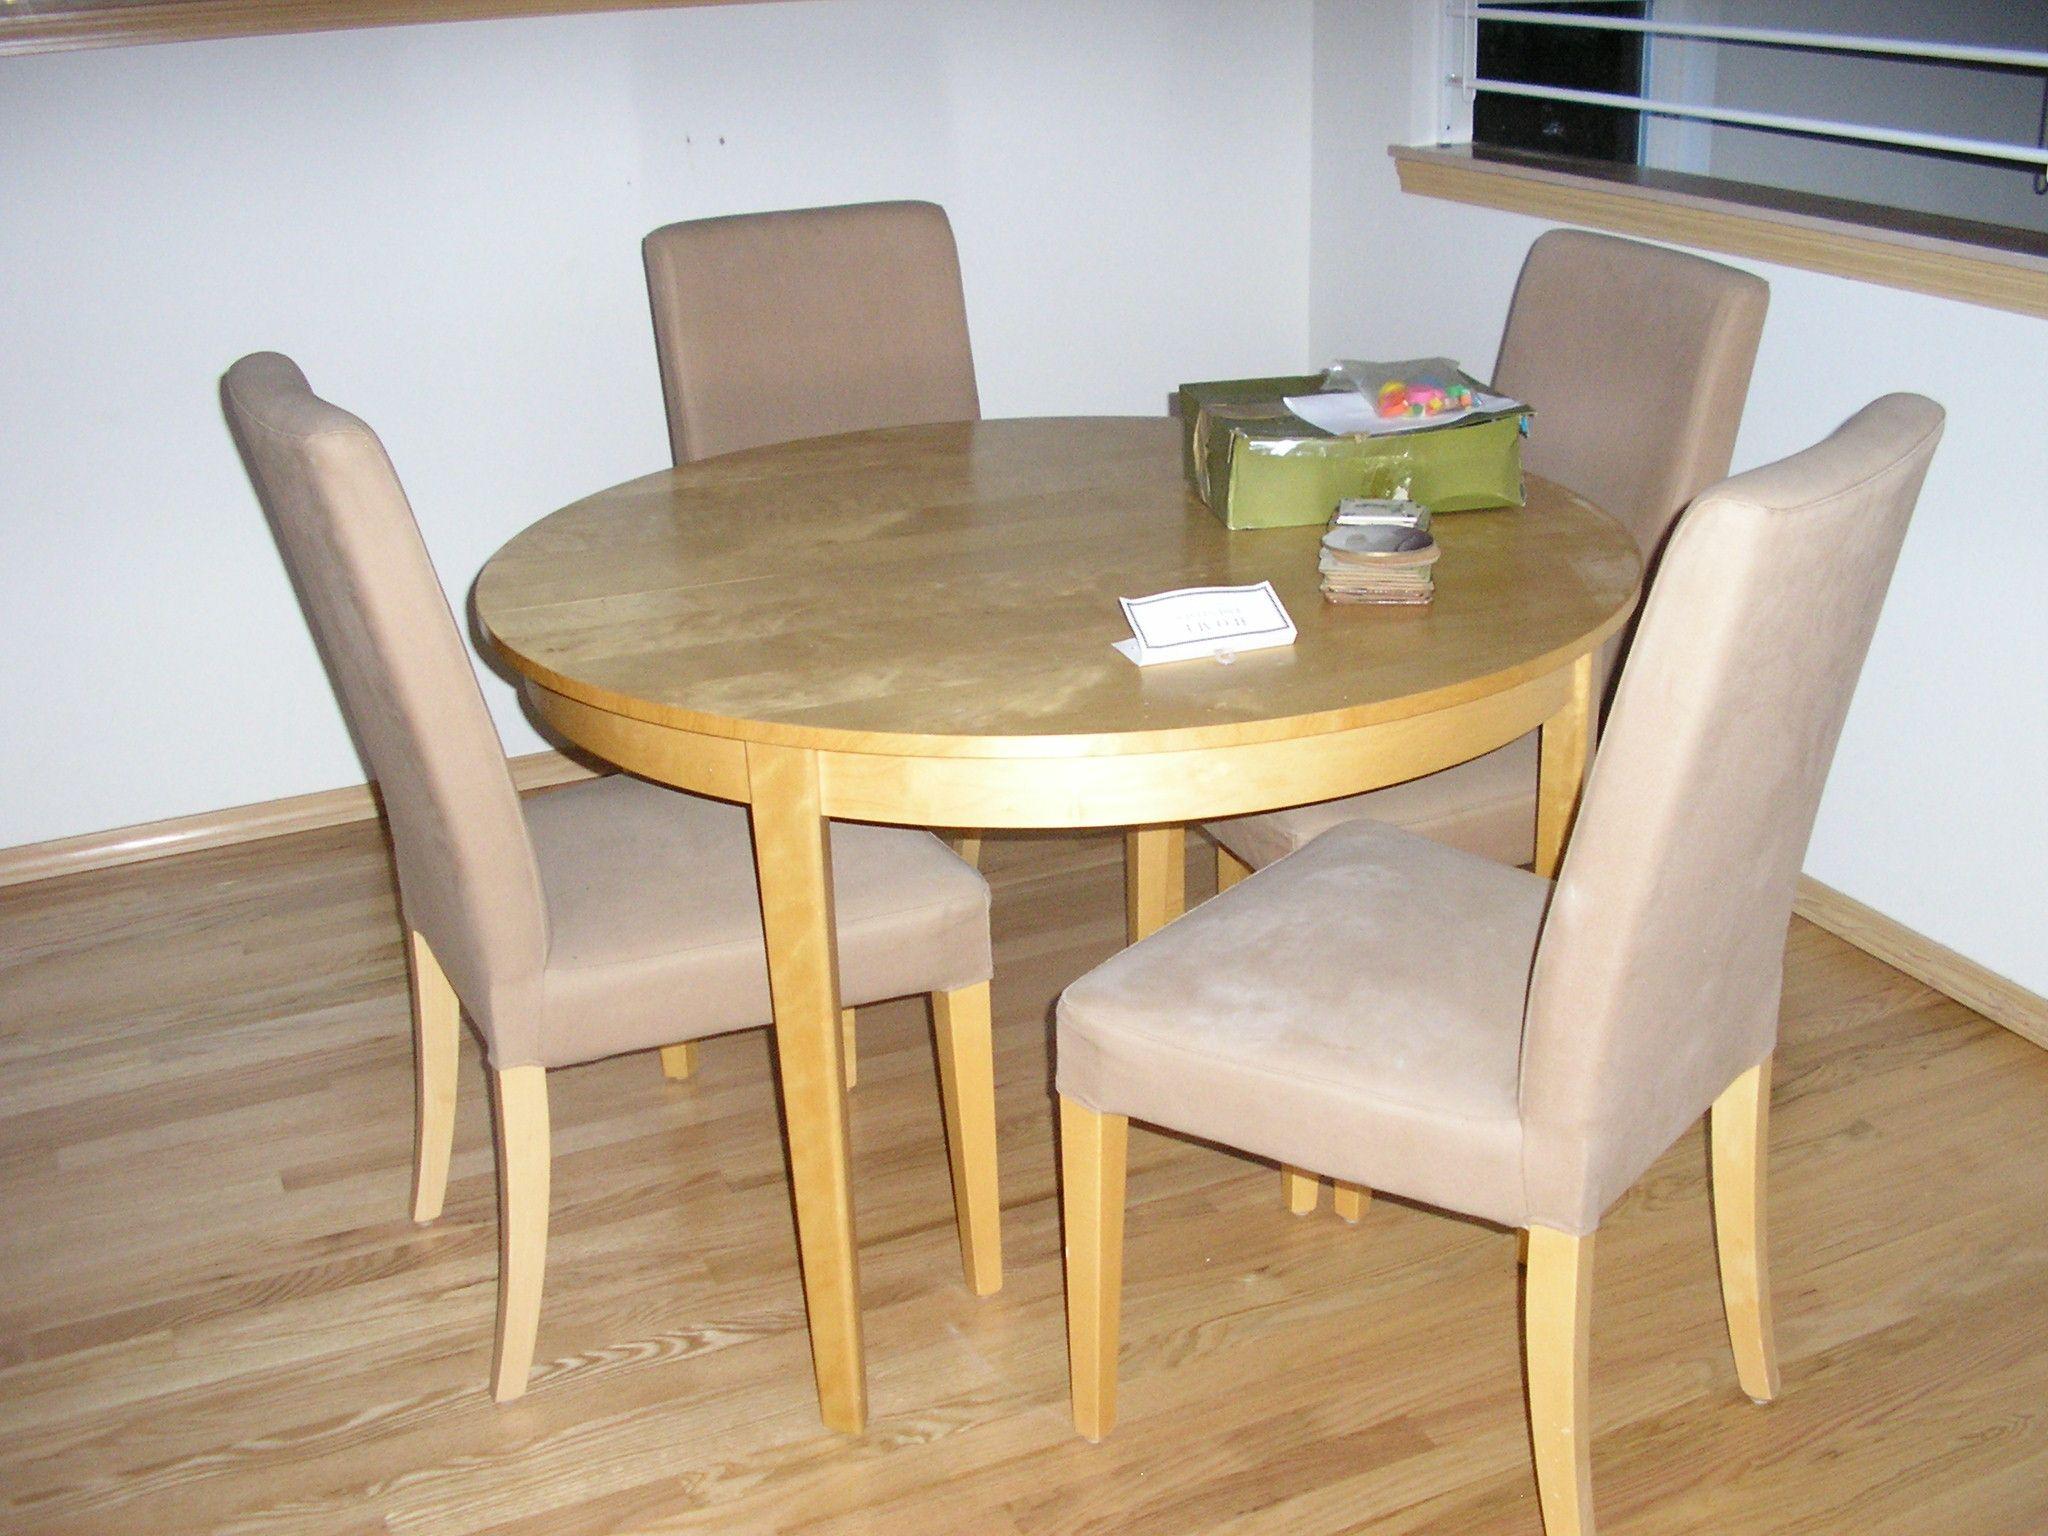 Stühle Für Küche Tisch Dies ist die neueste Informationen auf die ...